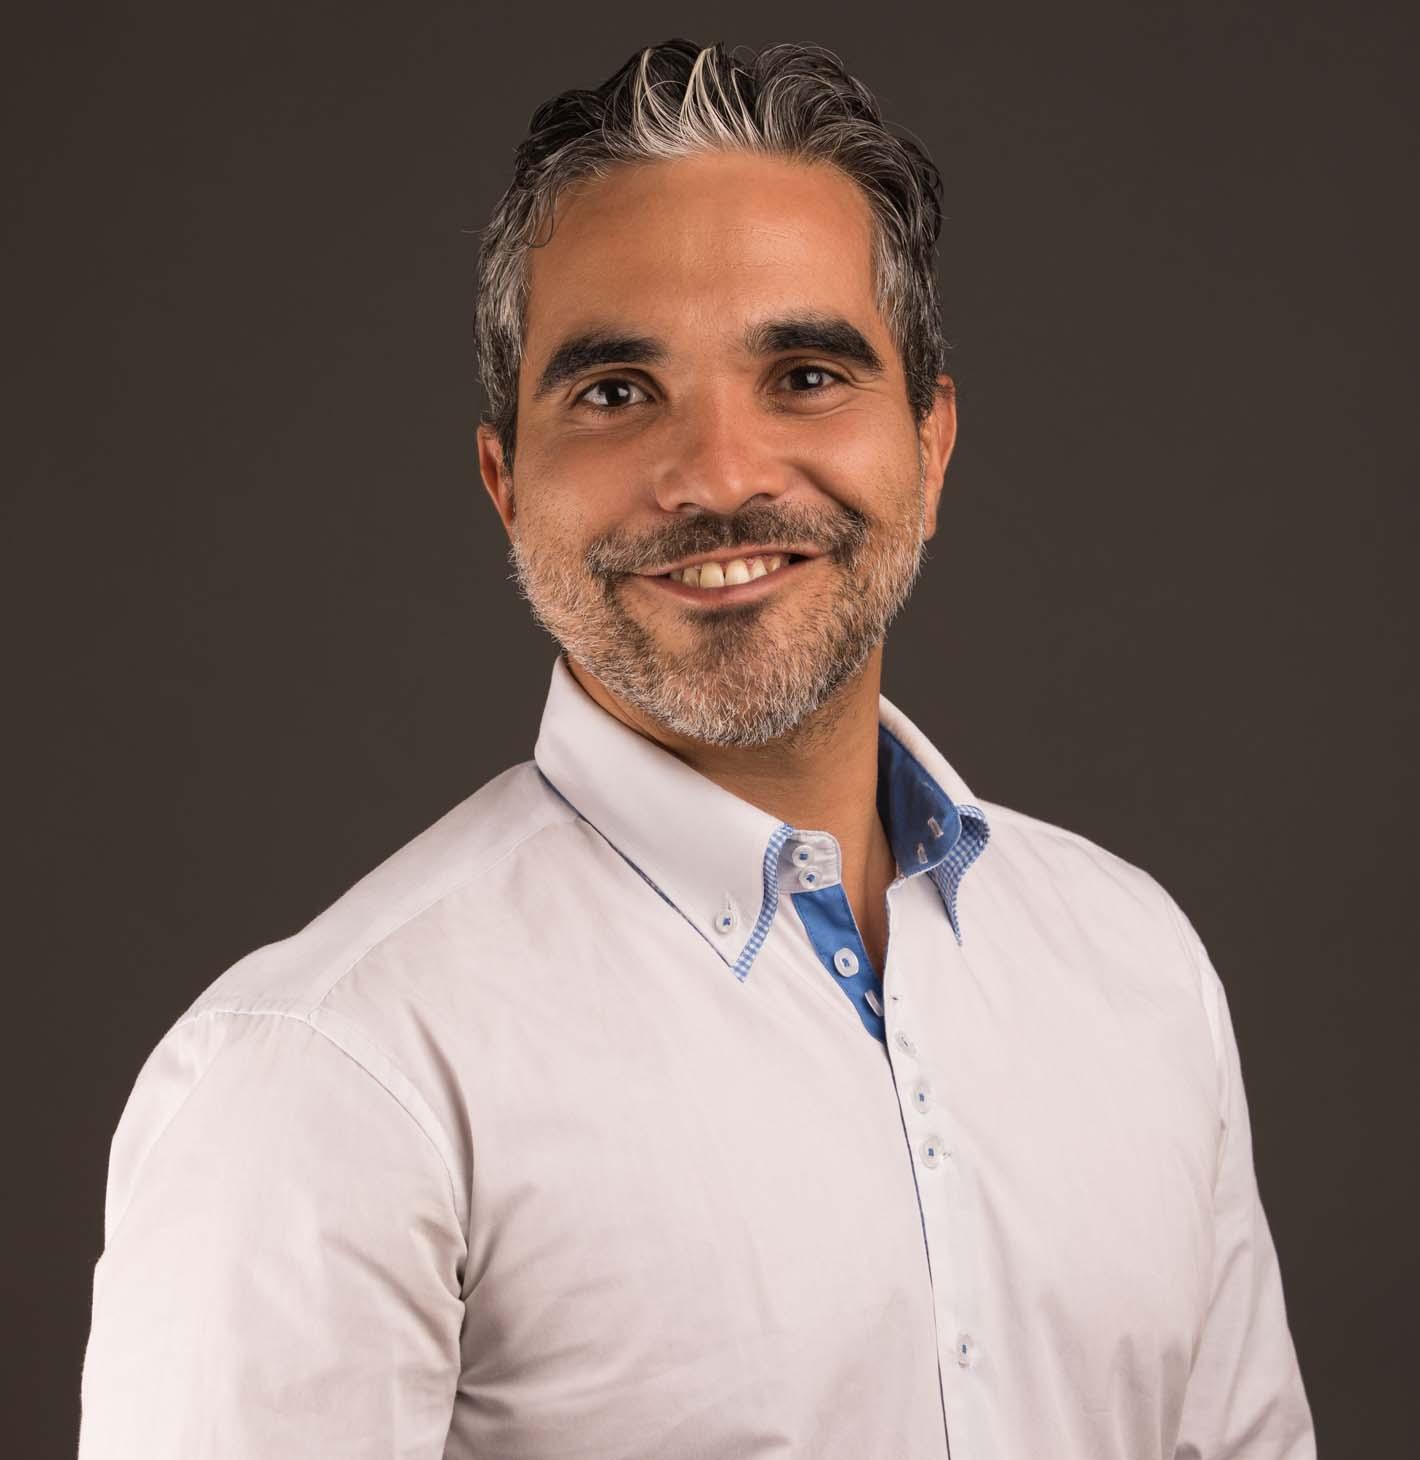 Recibe una Increíble Asesoría Inmobiliaria con Juan Moreno